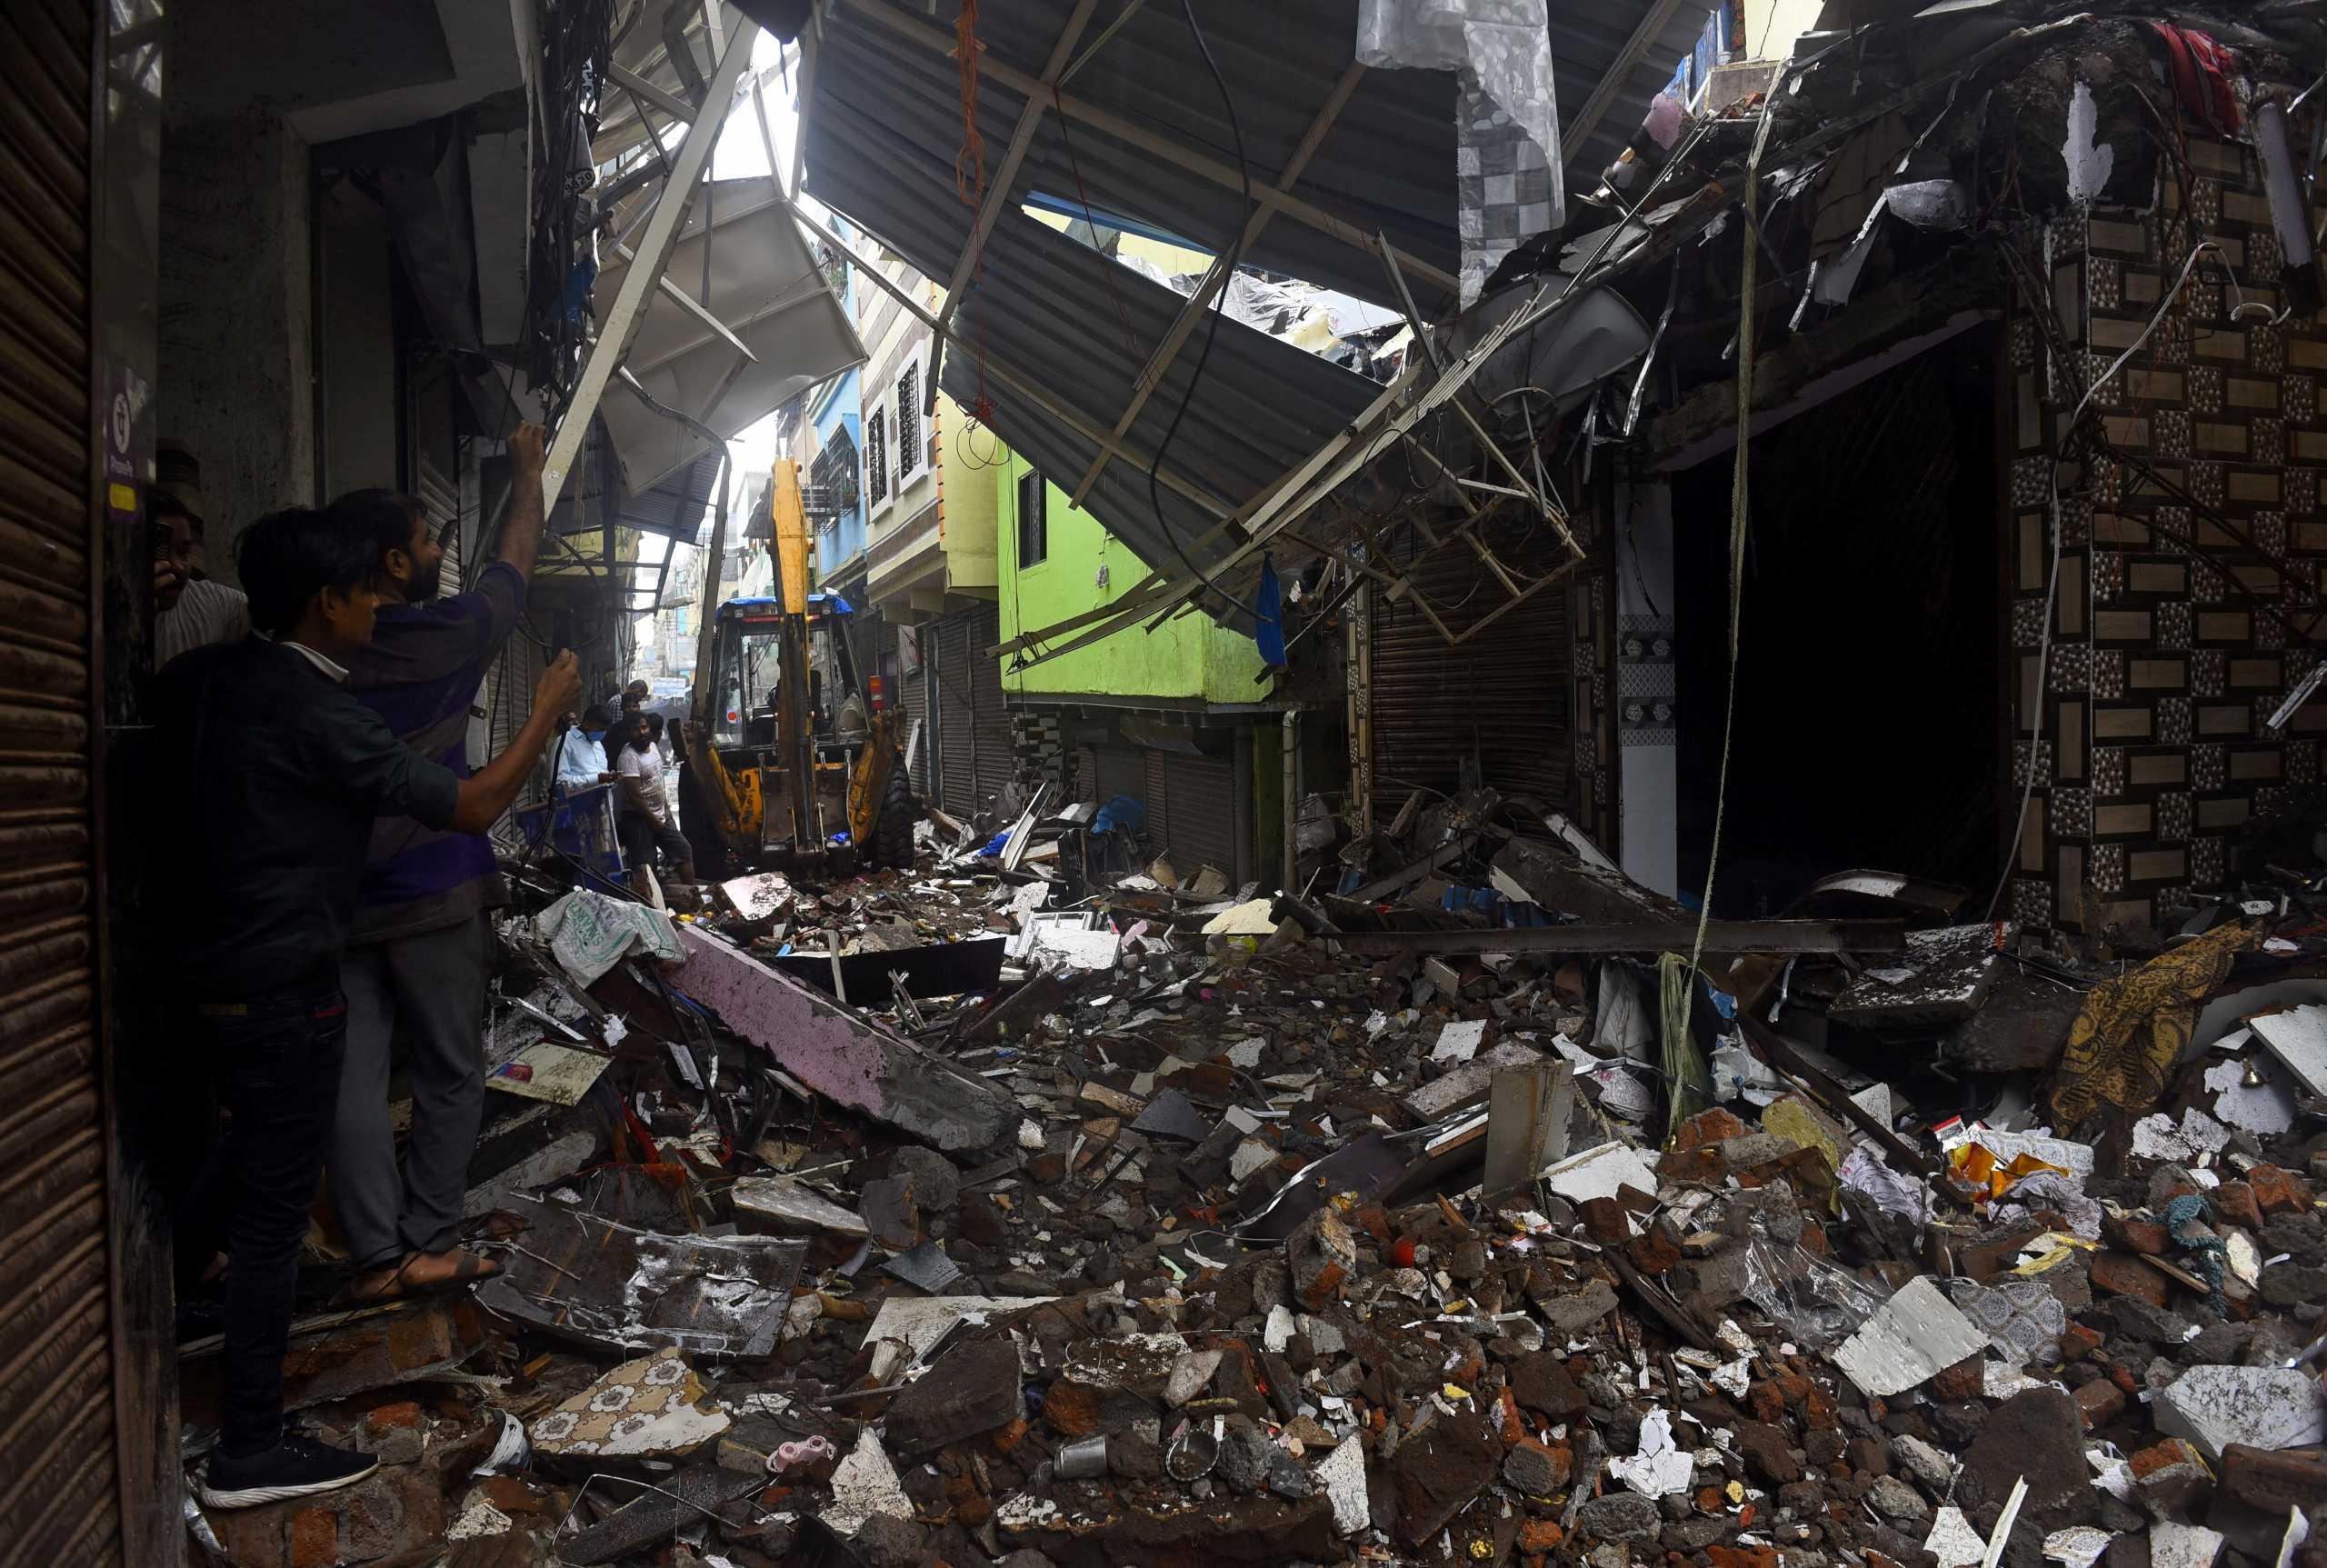 Ινδία: Τραγωδία δίχως τέλος – Εφτασαν τους 112 νεκροί από τις πλημμύρες και κατολισθήσεις